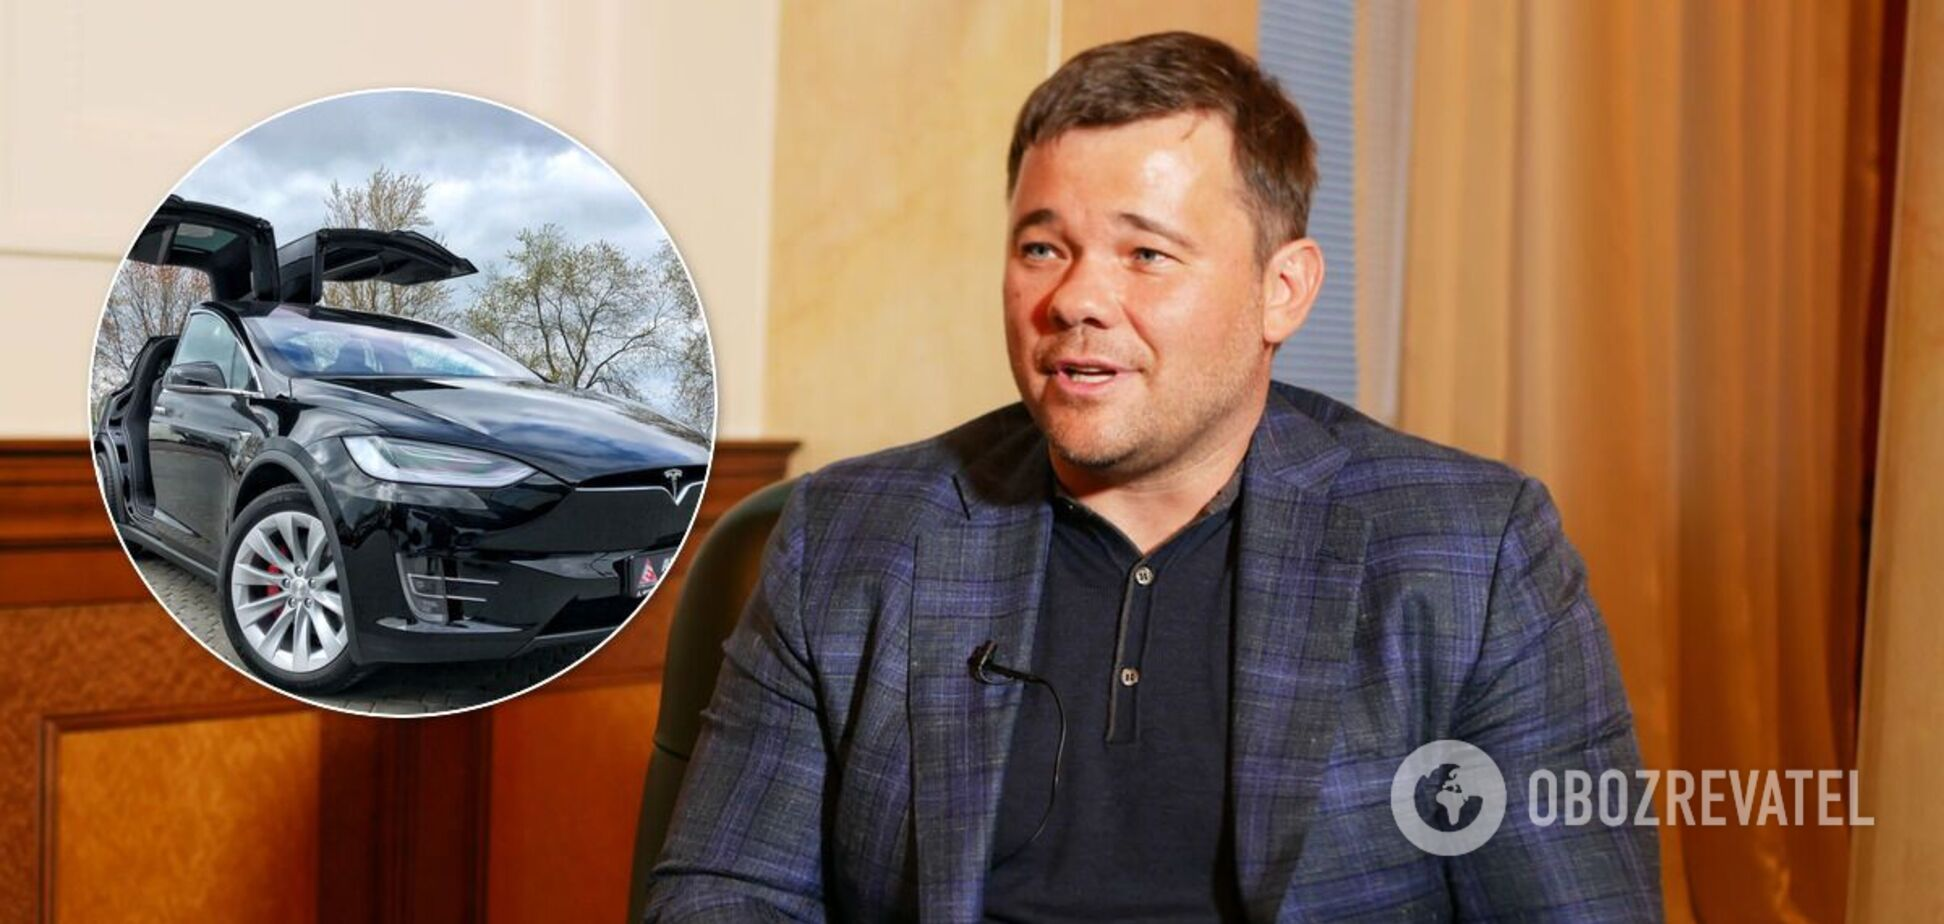 Машину Богдана пытались сжечь в Киеве